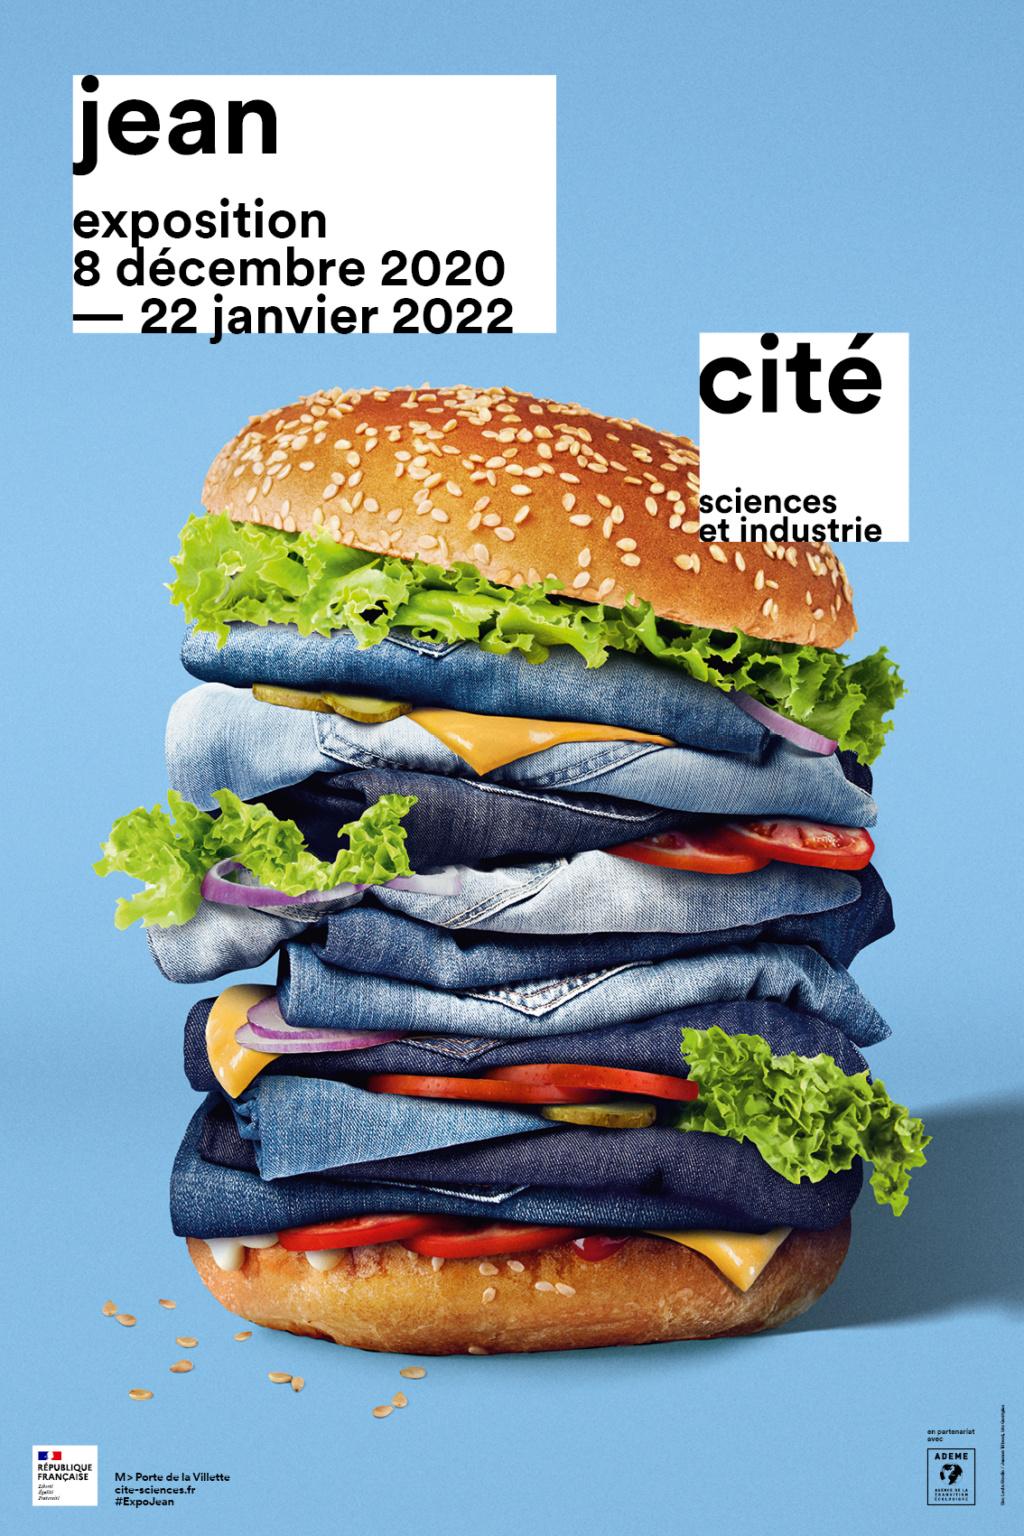 Une expo blue jean à la Cité des sciences Expo_j10